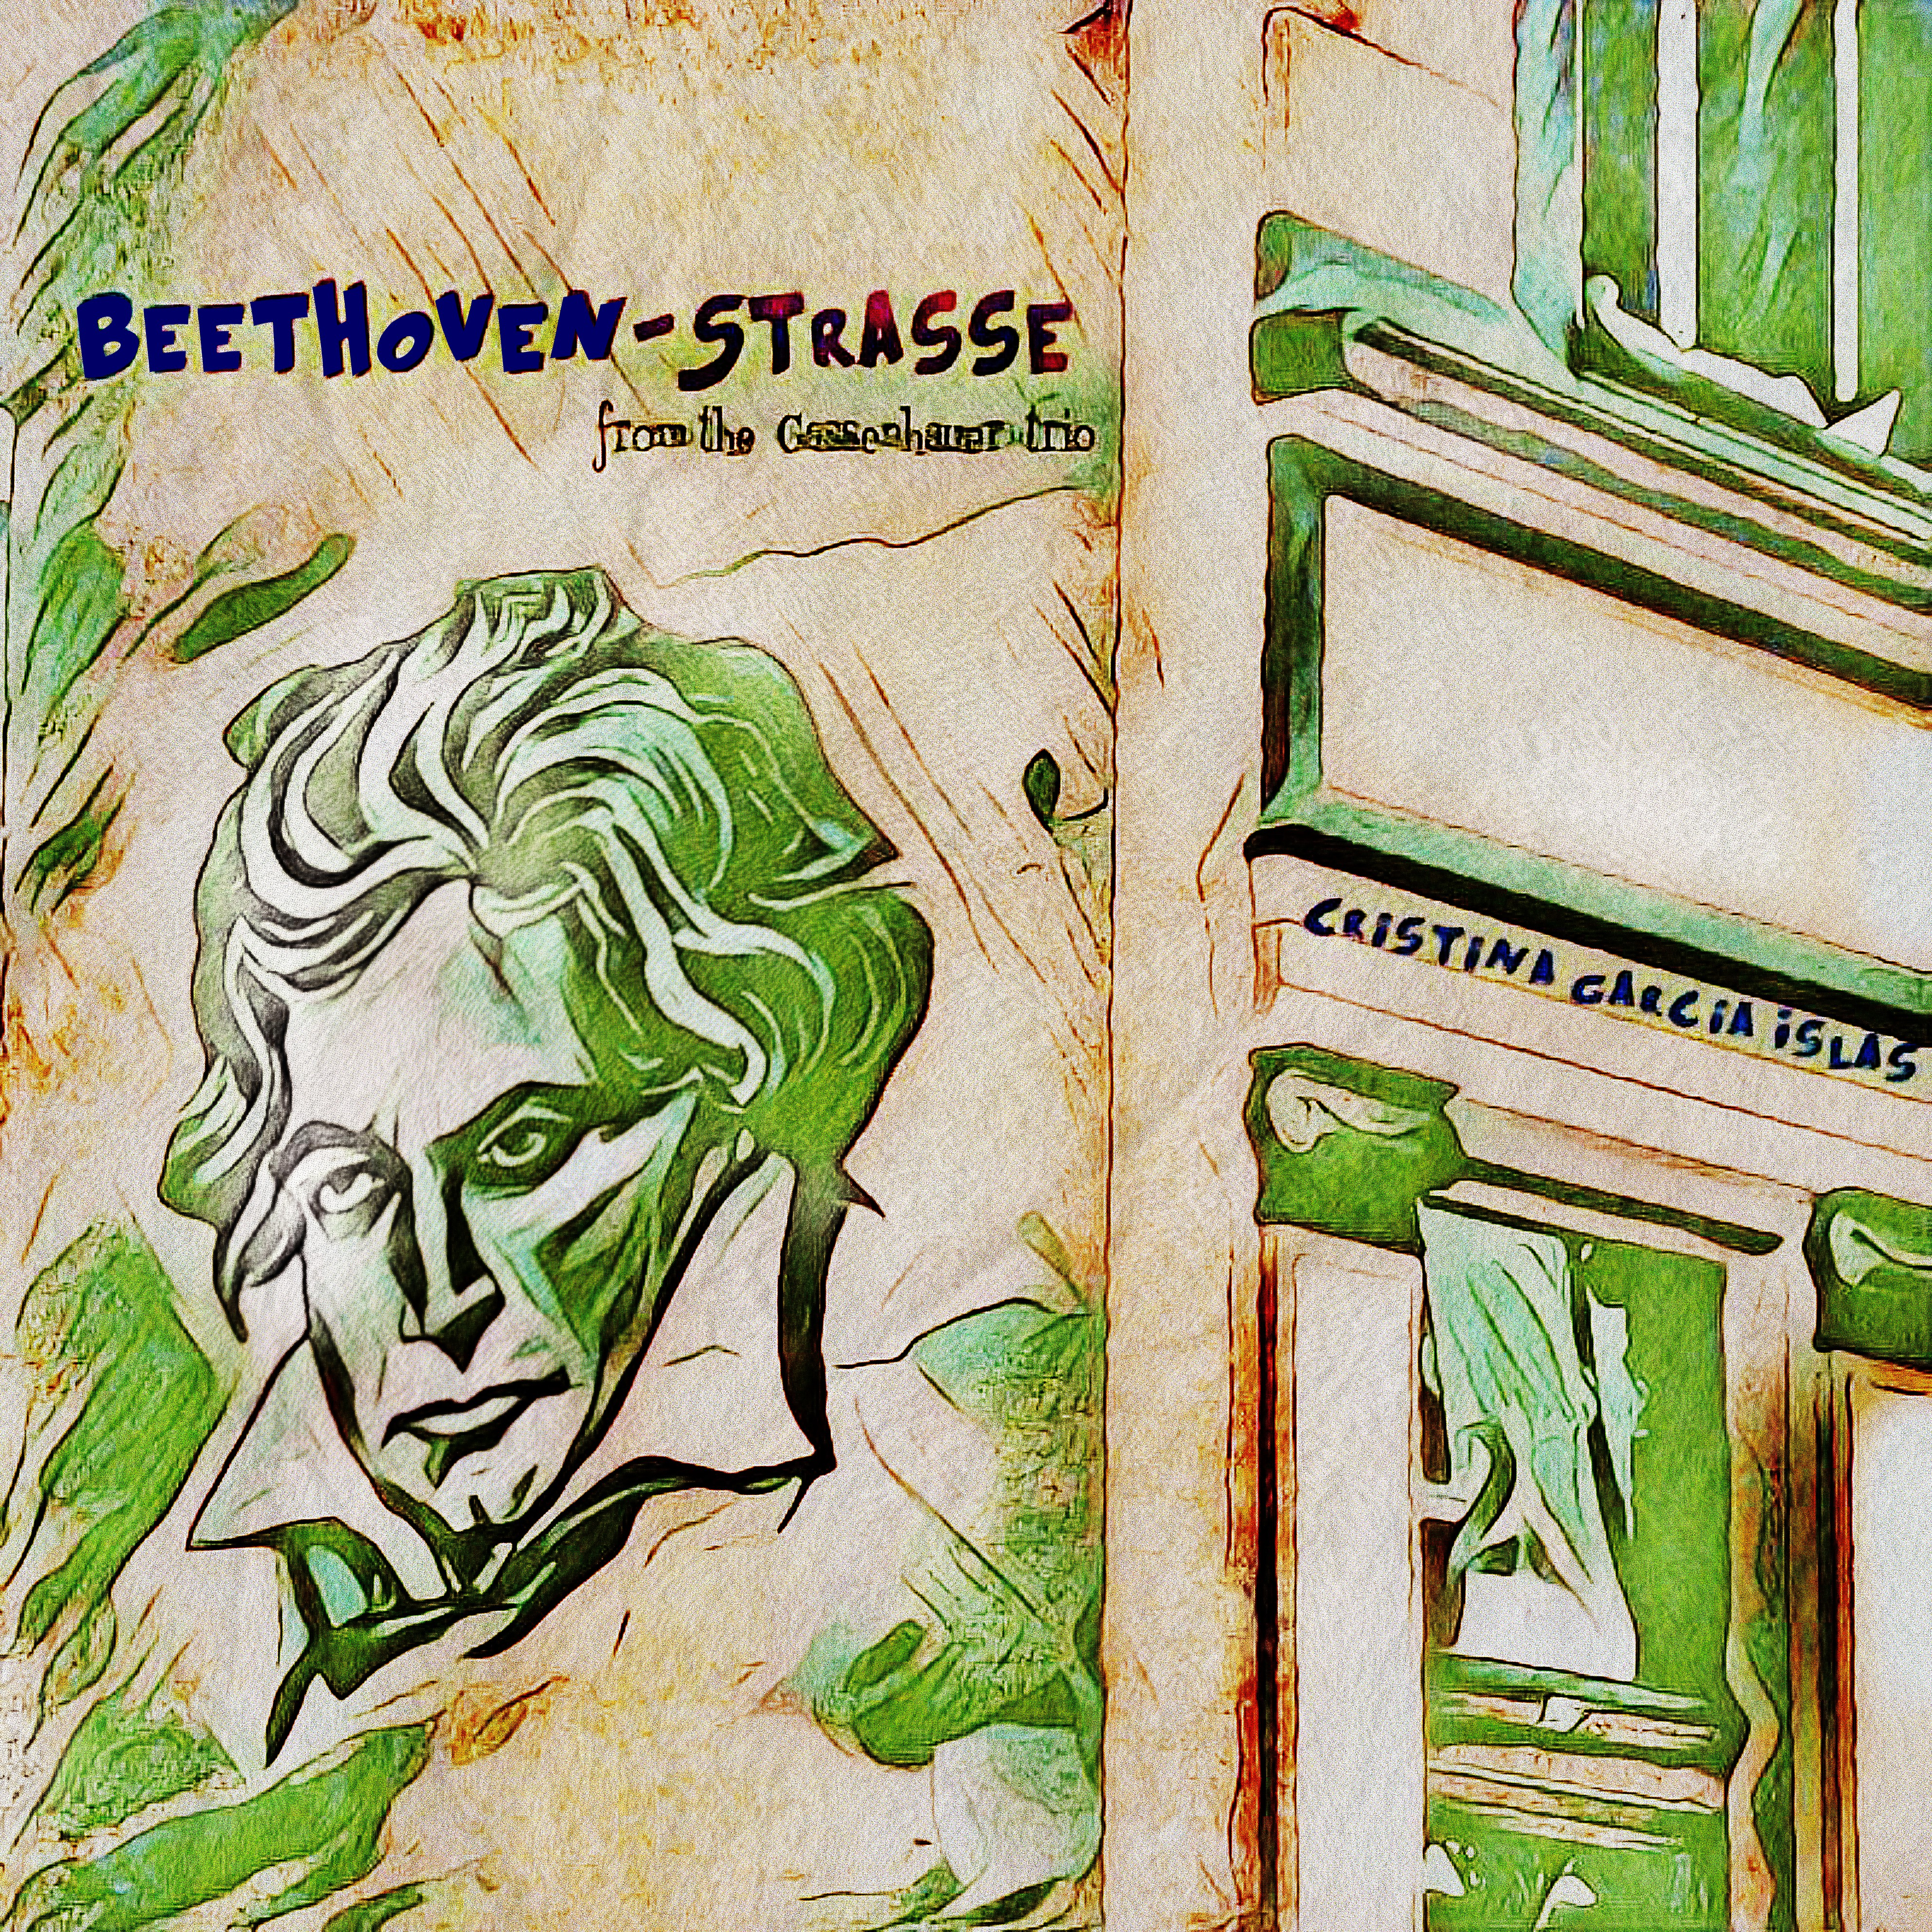 Beethoven-Strasse